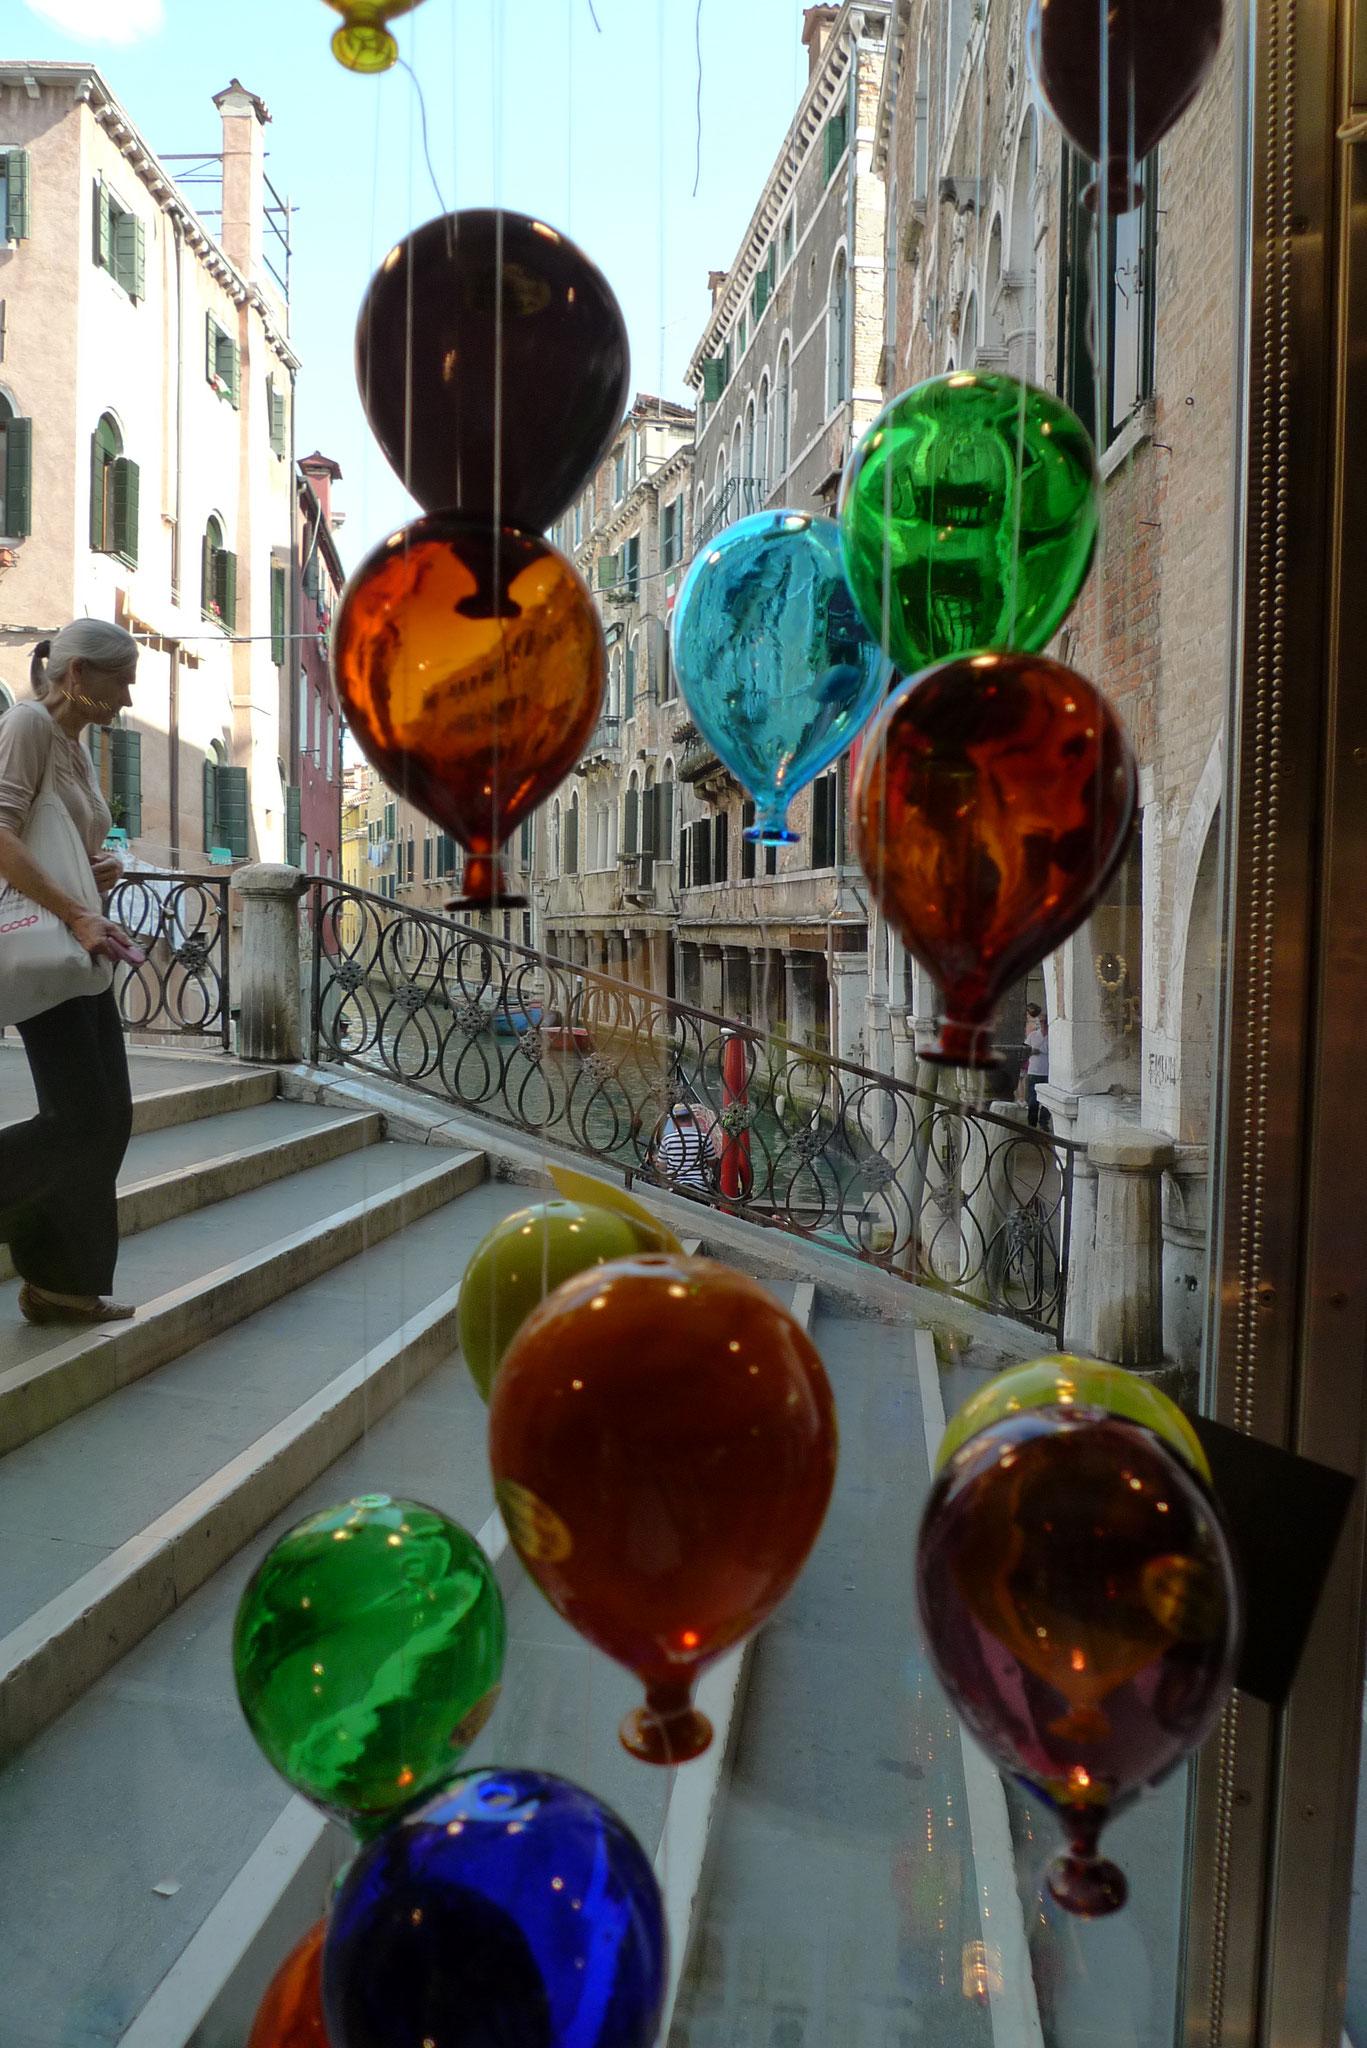 More Murano glass, Venice